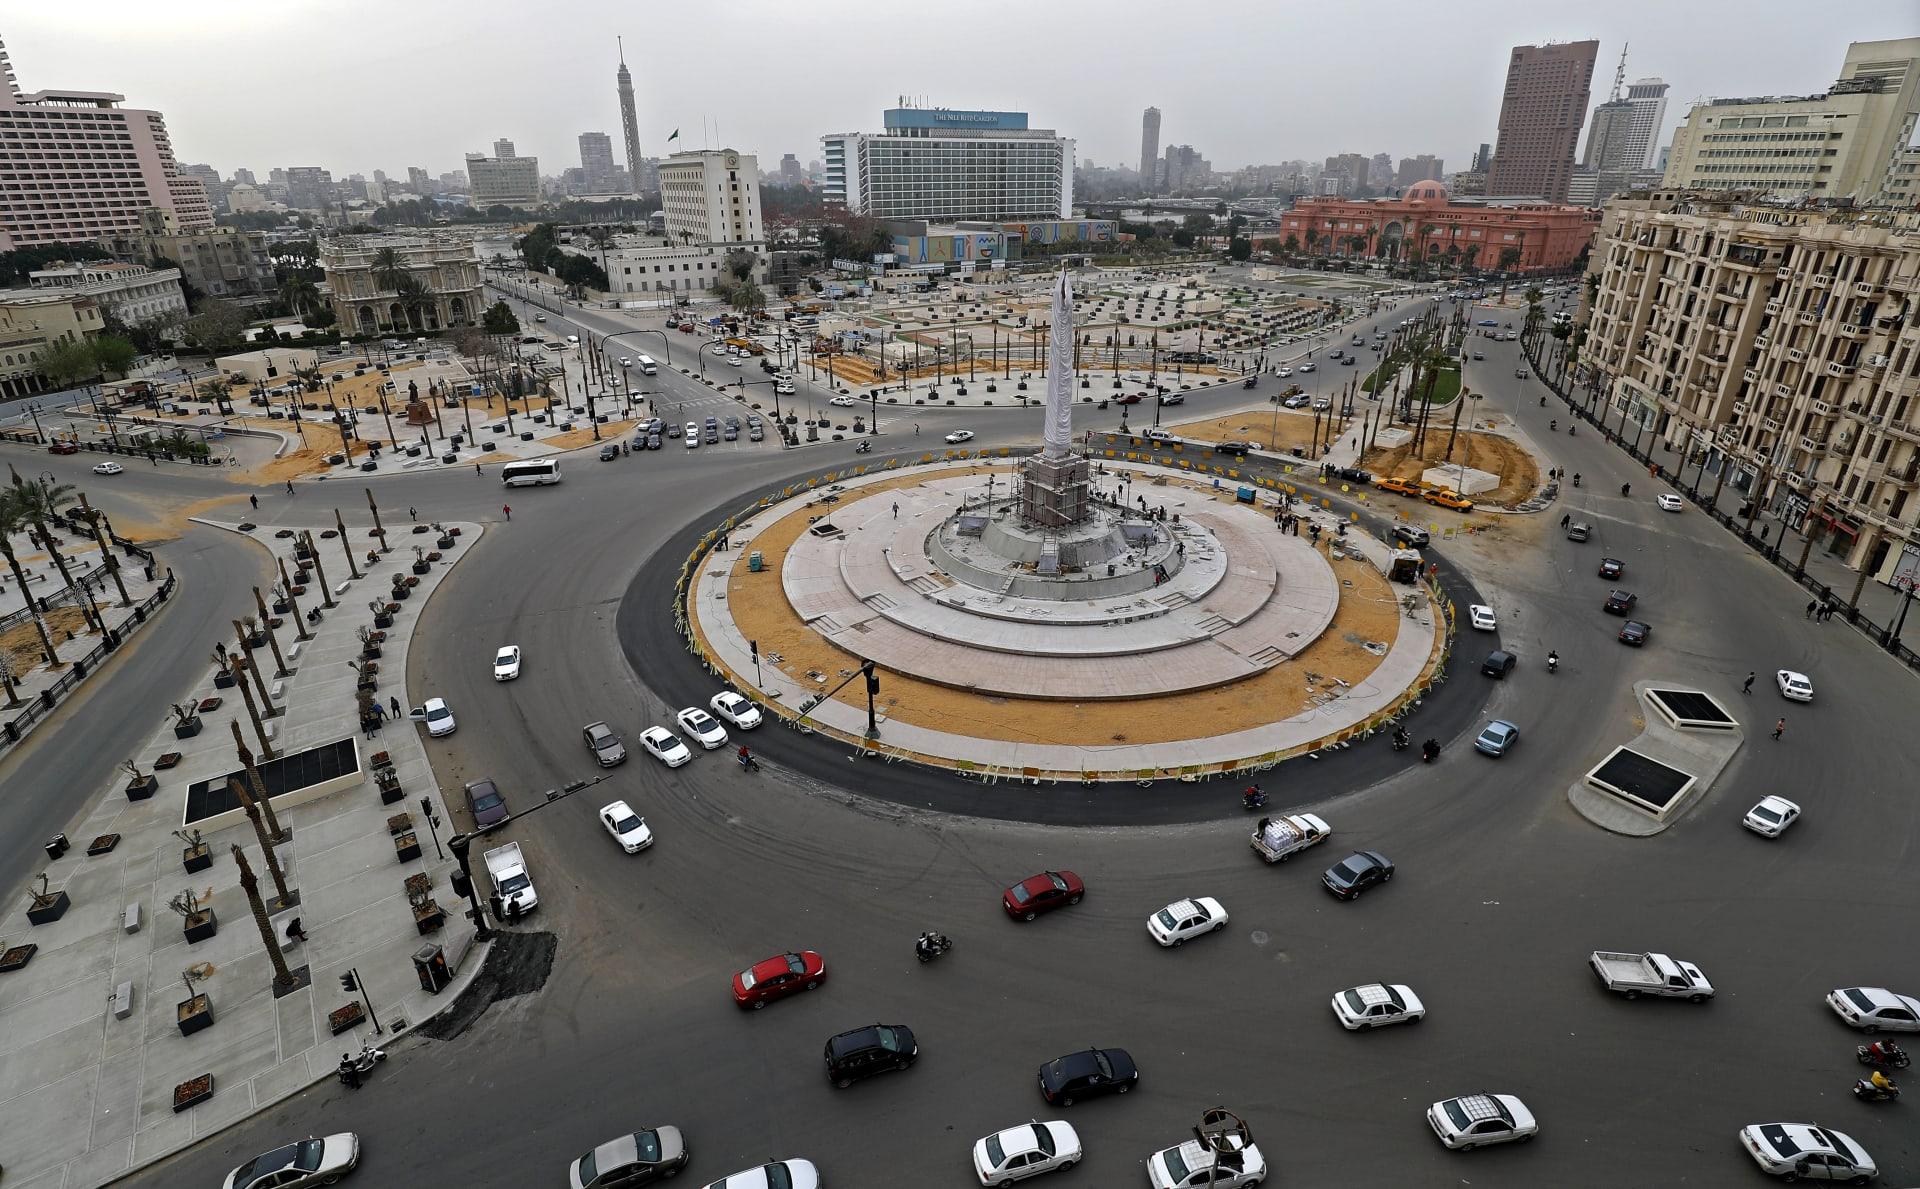 النقد الدولي يوافق على طلب مصر مساعدة طارئة بقيمة 2.772 مليار دولار لمواجهة كورونا